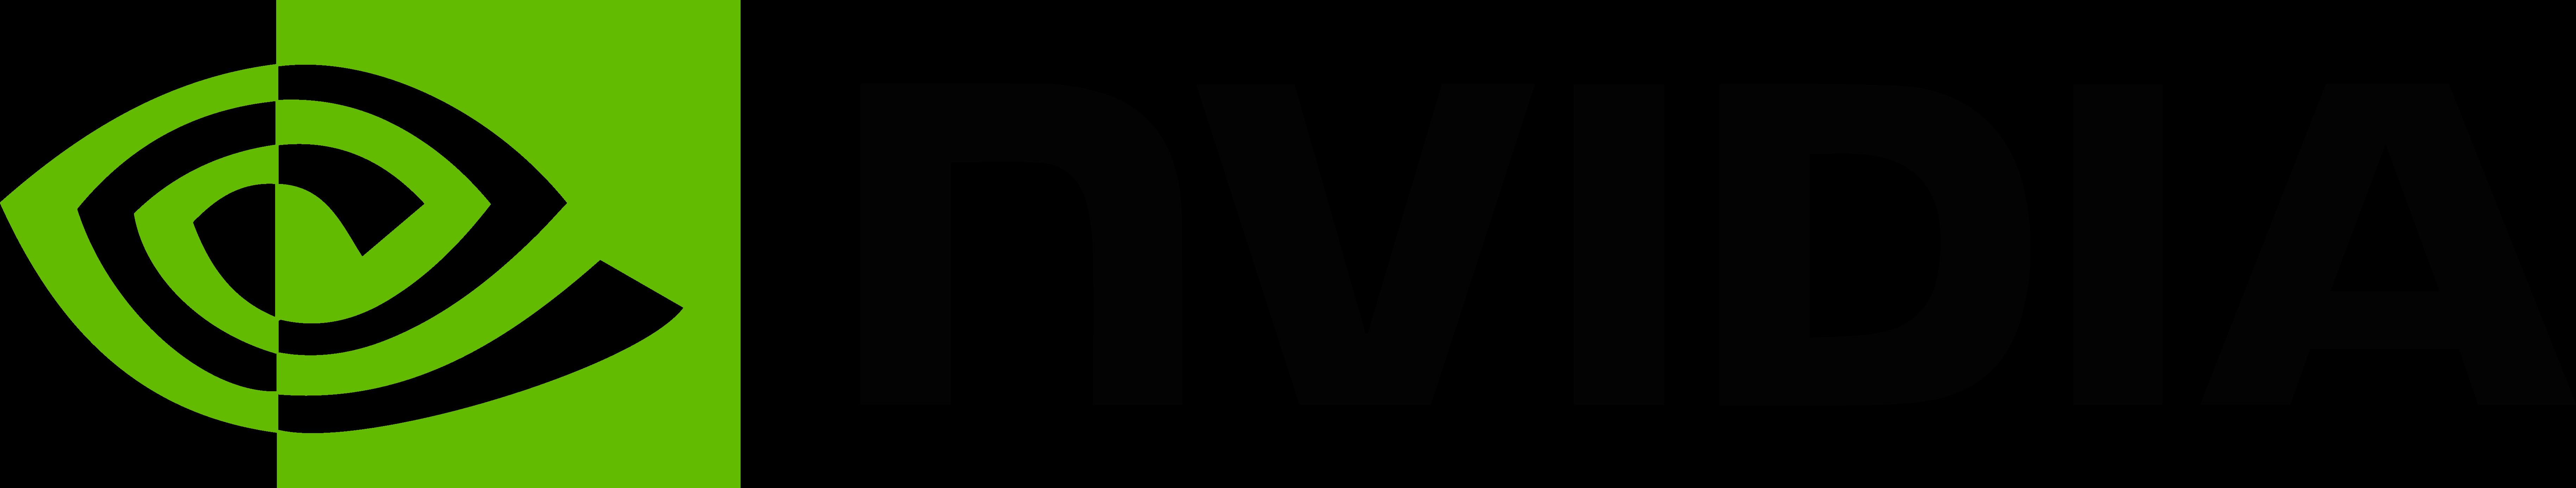 Nvidia PNG Image - Nvidia PNG